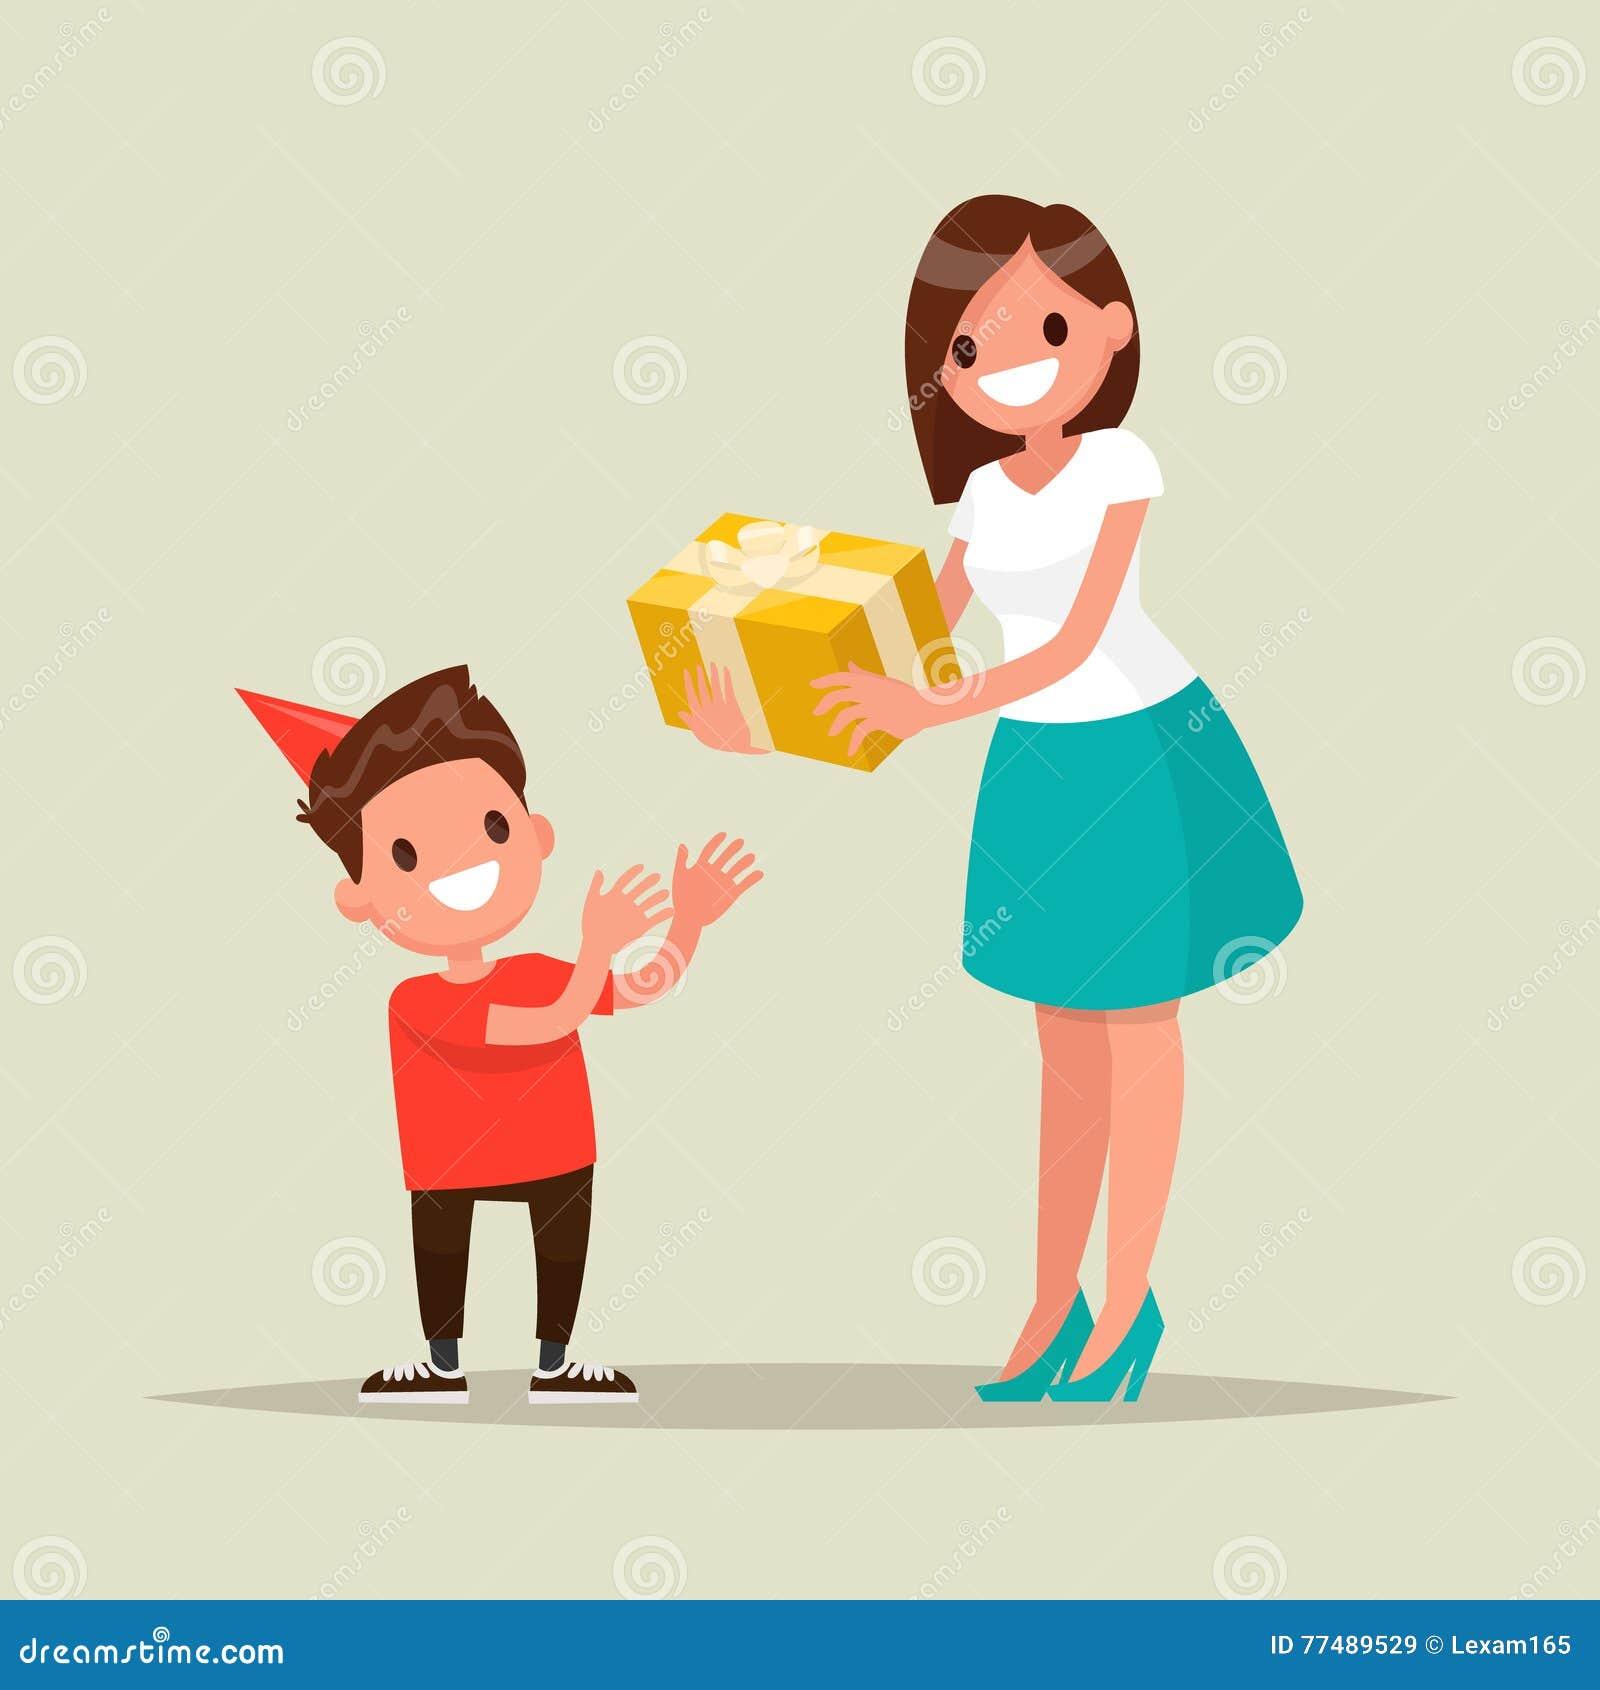 Children X27 S Geburtstag Mutter Gibt Sohn Ein Geburtstagsgeschenk